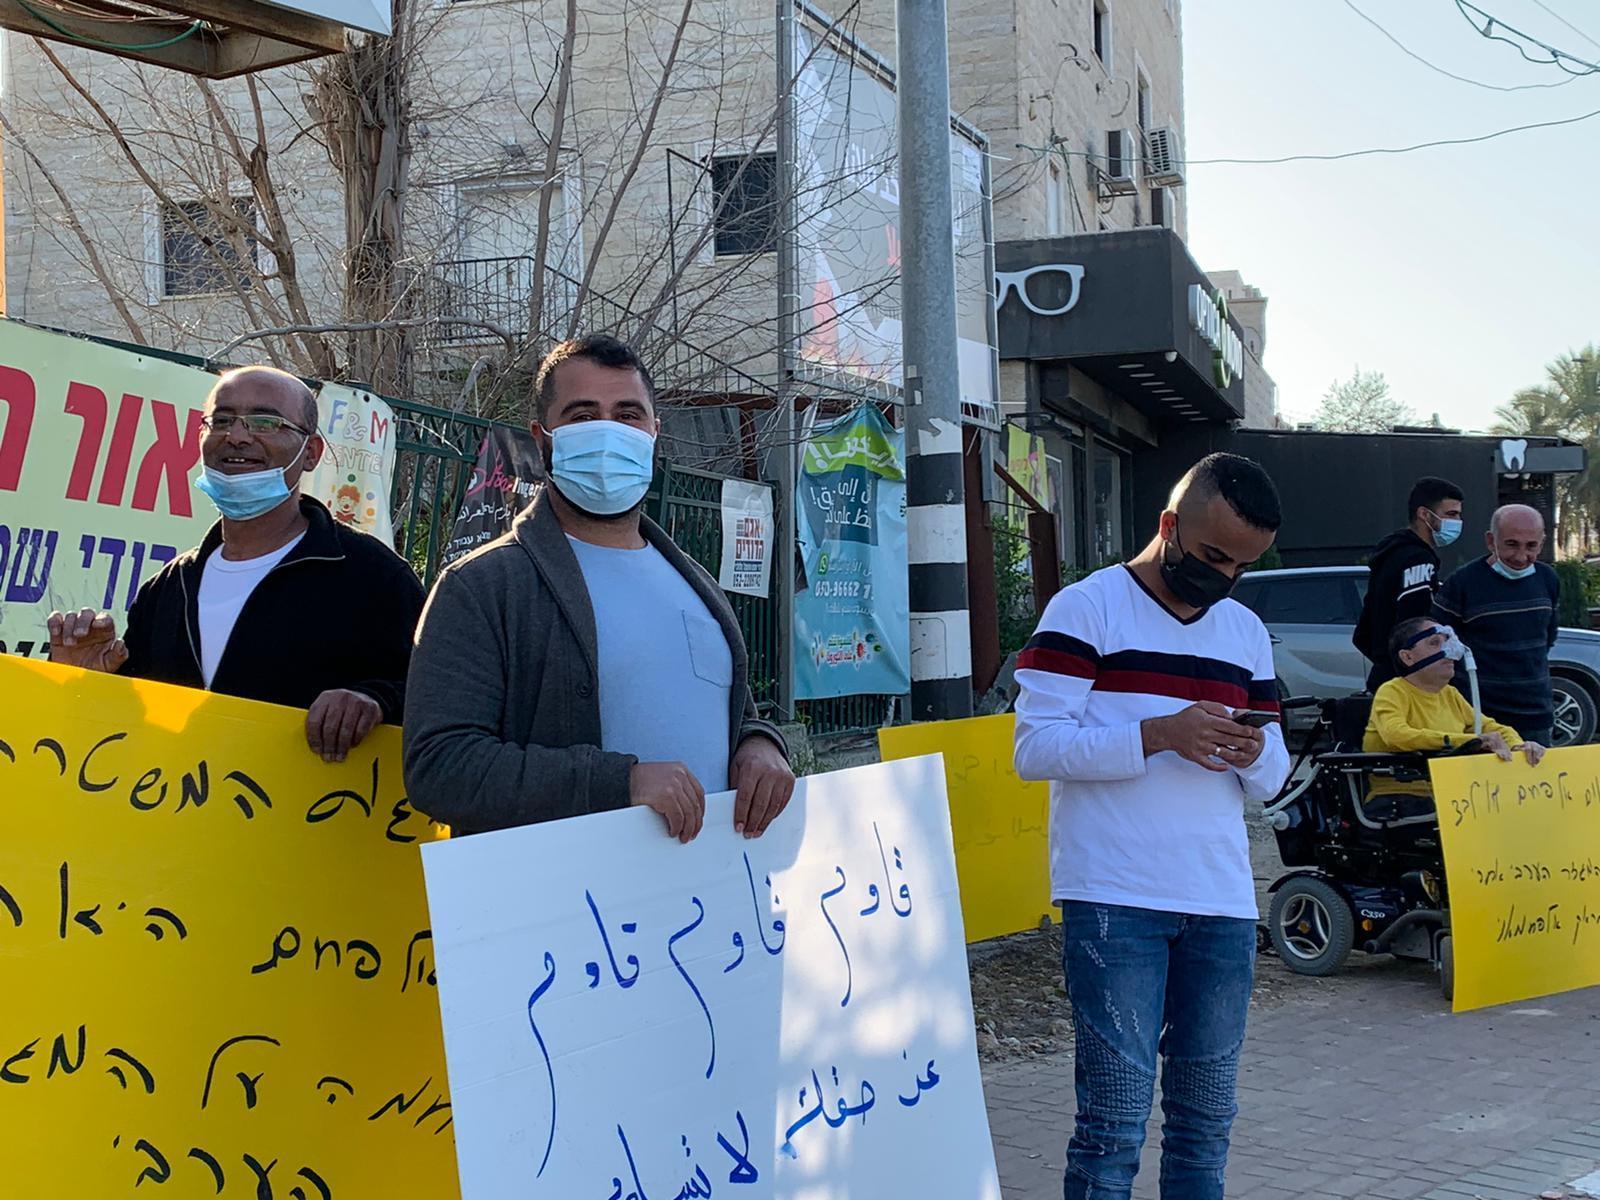 قلنسوة: وقفة احتجاجية ضد الجريمة وتواطؤ الشرطة